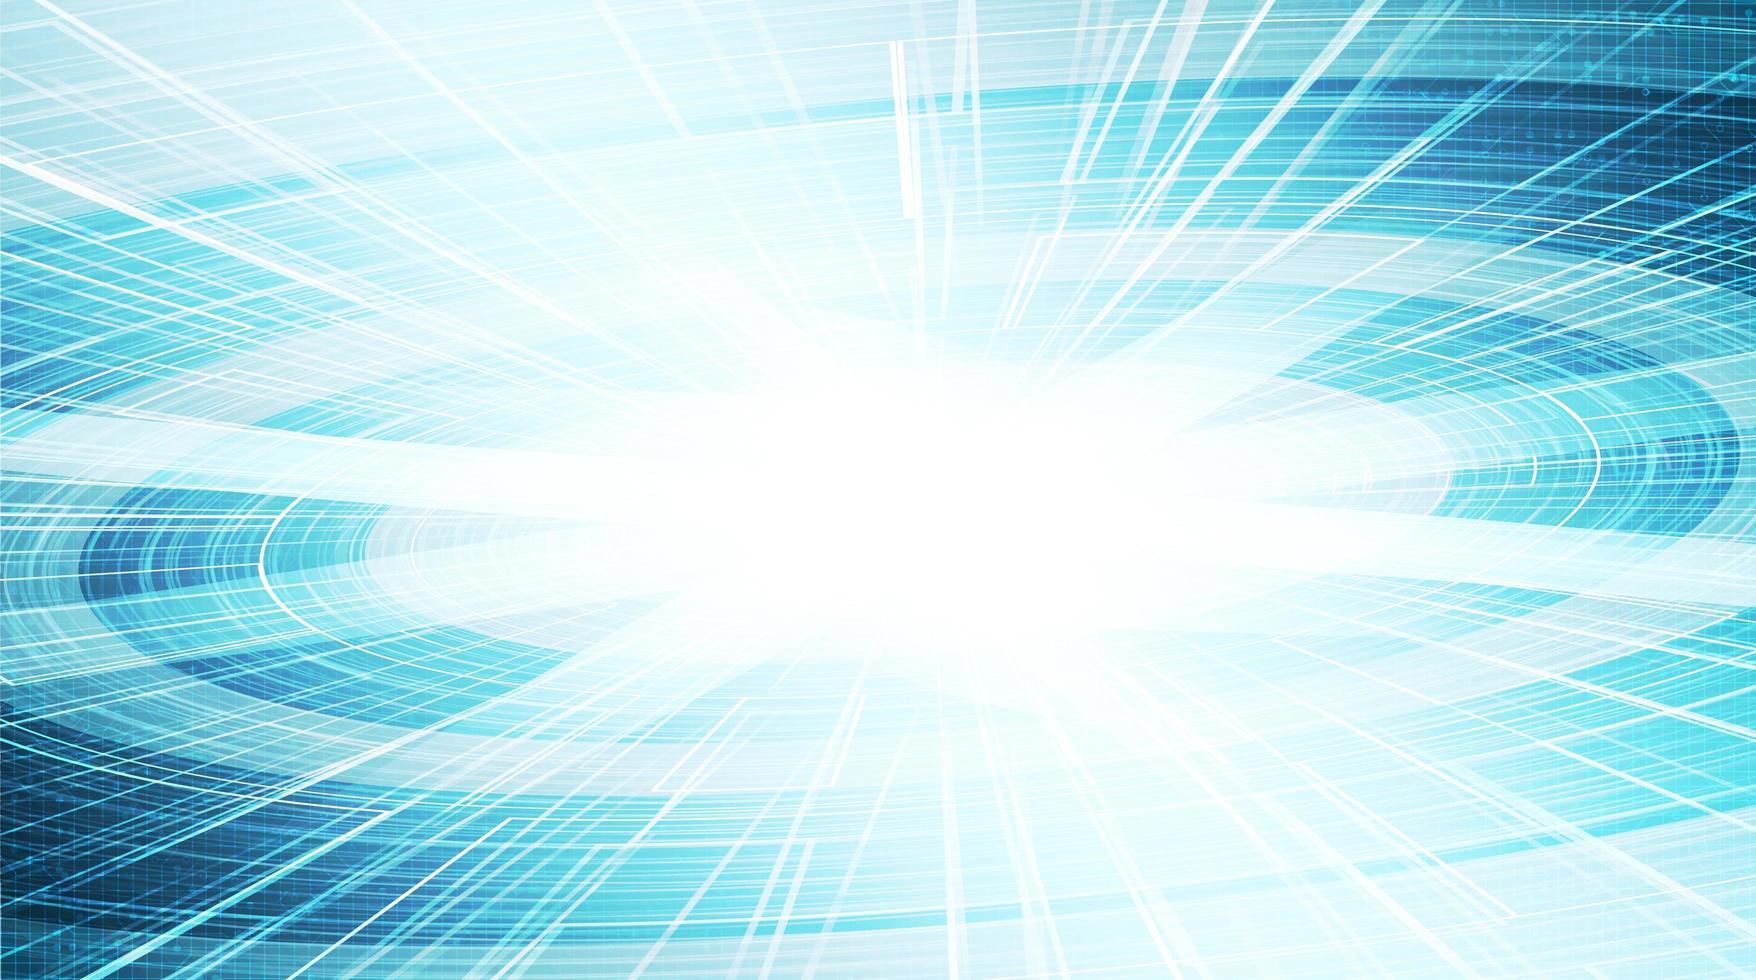 cirkel ljusteknisk bakgrund, högteknologisk digital och säkerhetskonceptdesign vektor